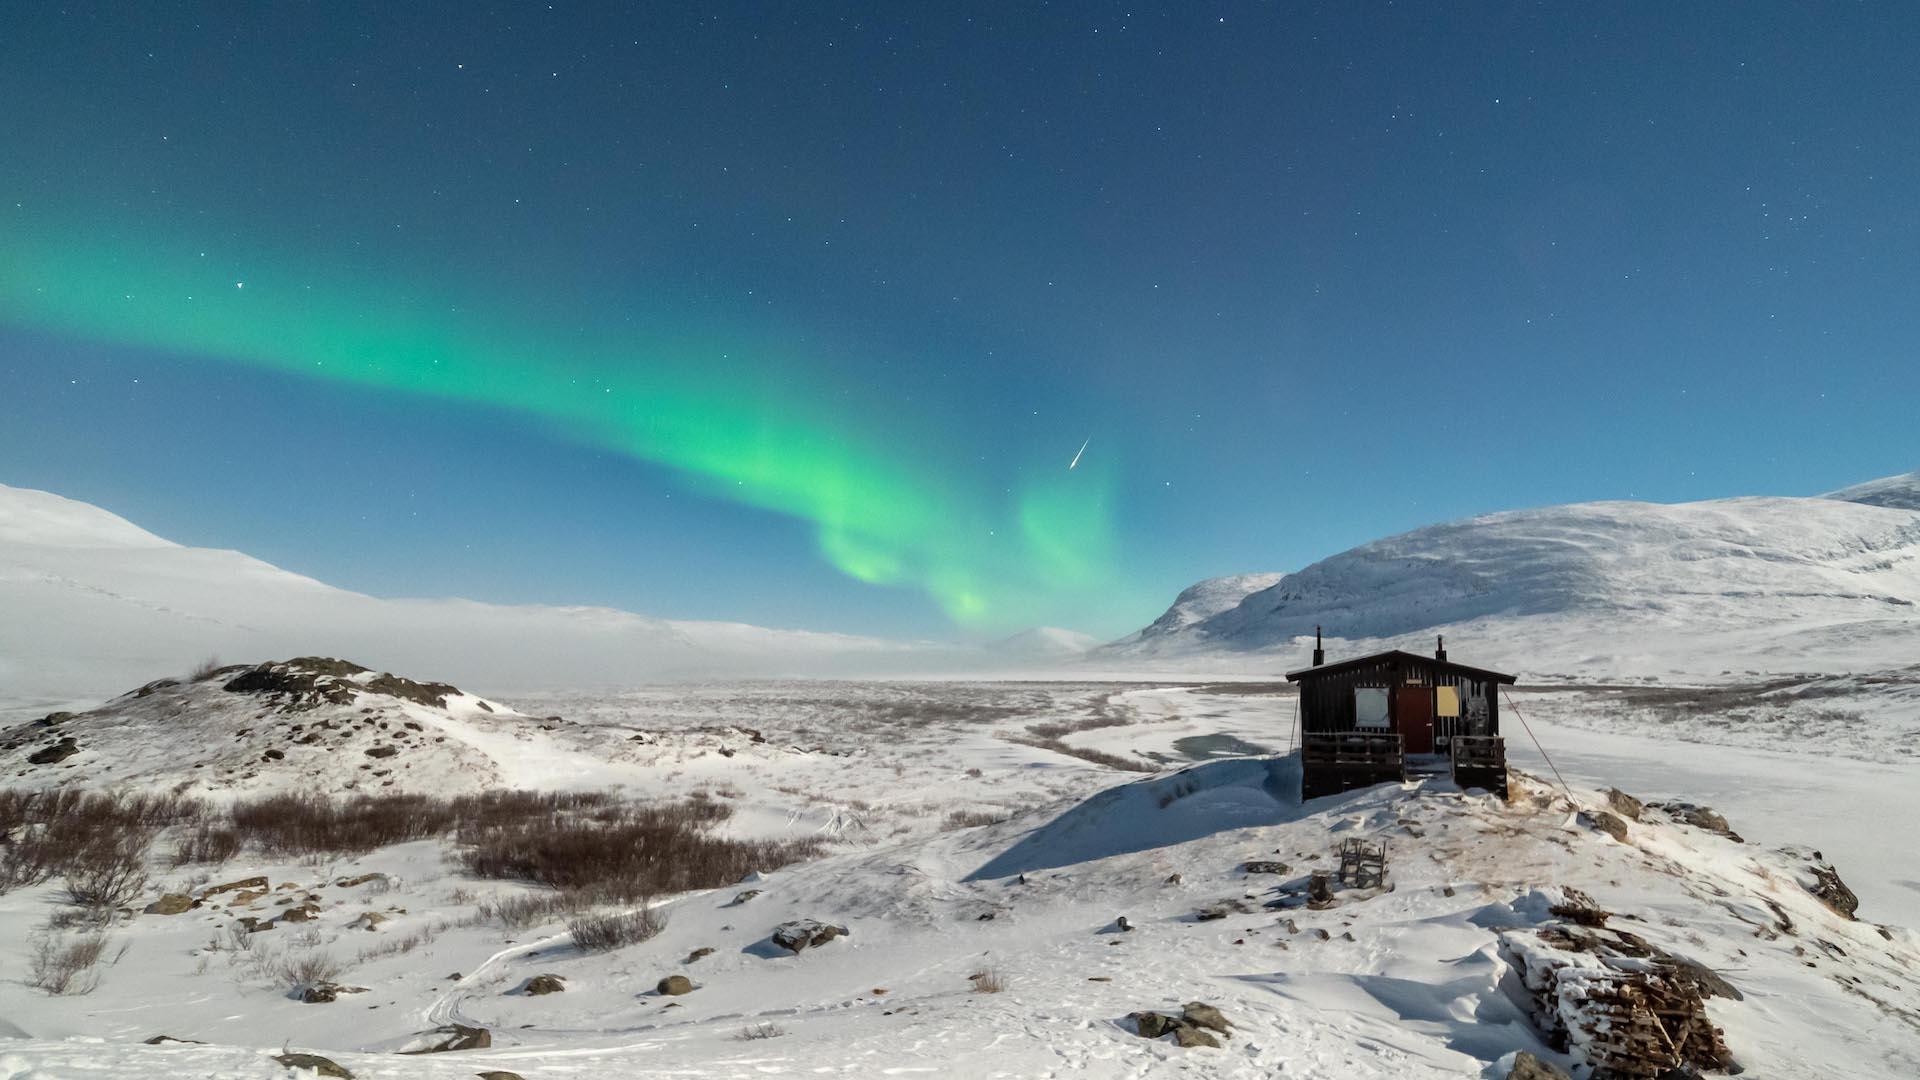 La nuit polaire et les aurores boréales sur le Kungsleden à skis nordiques en Laponie